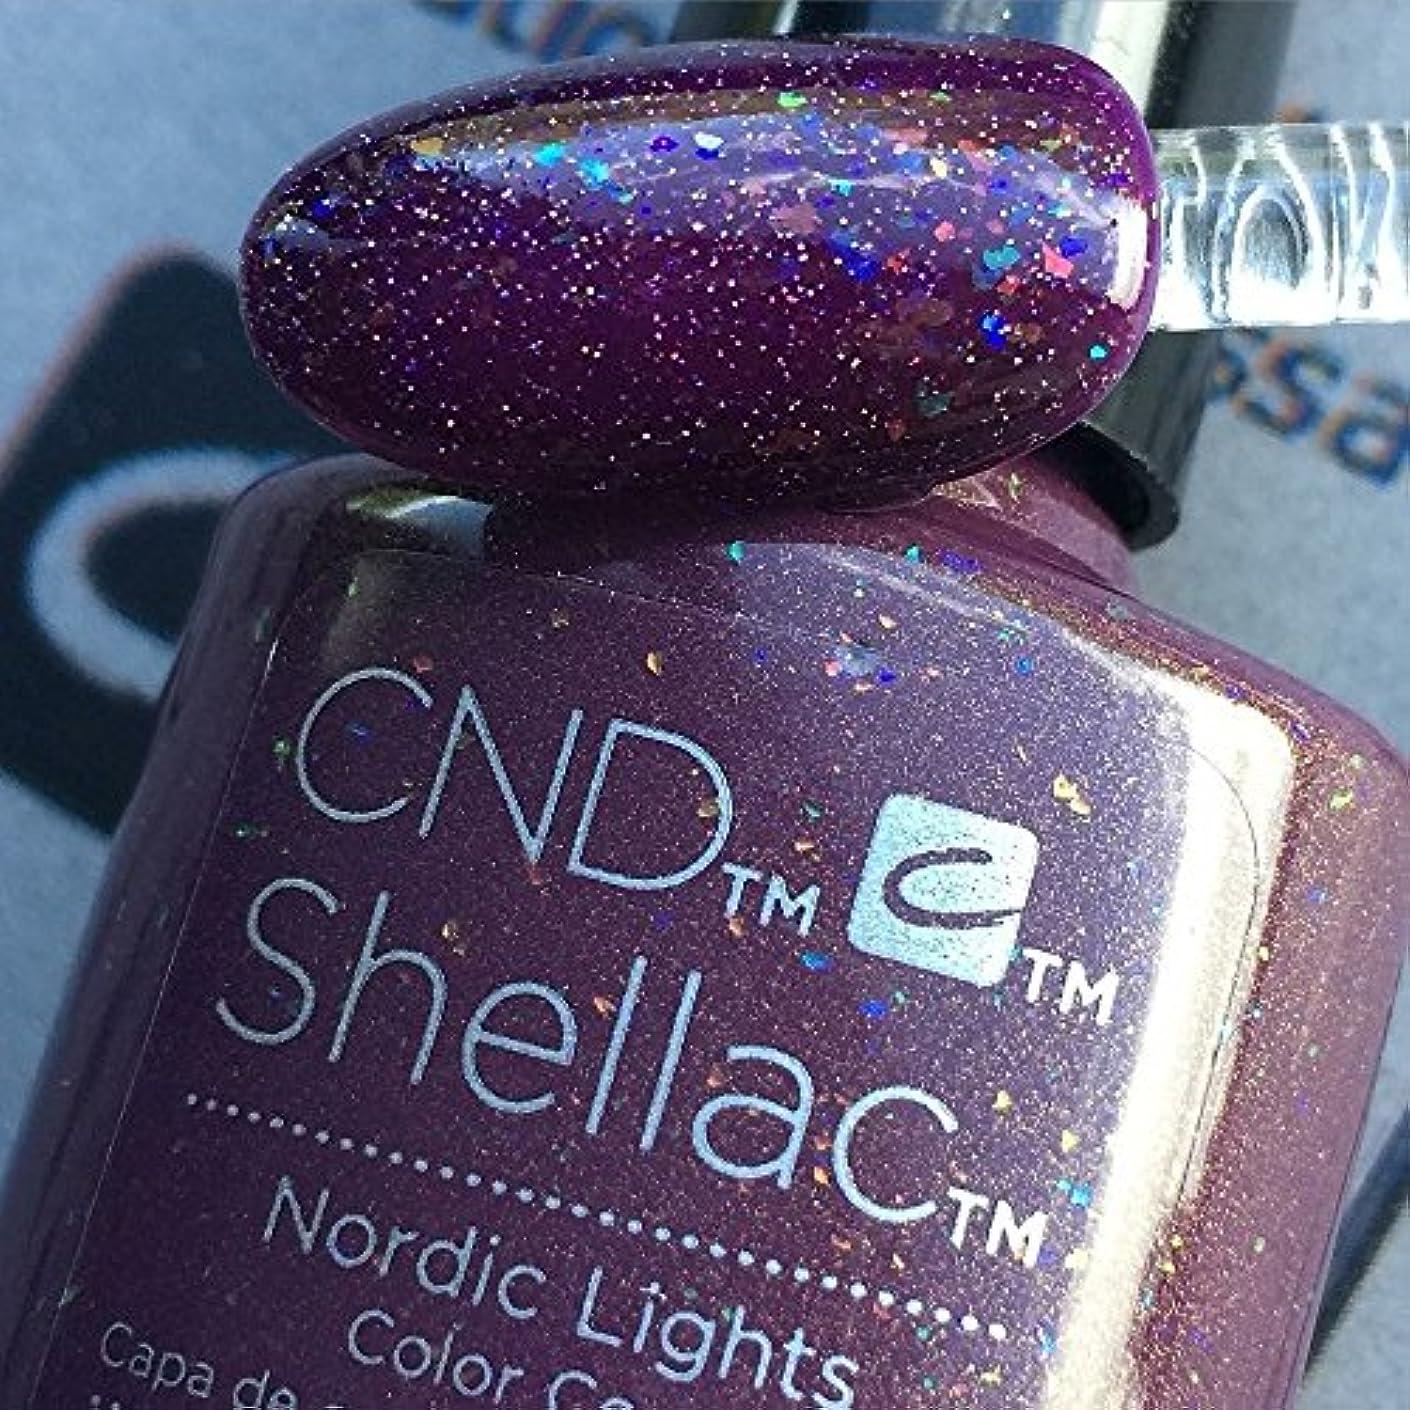 メンタルすごいドライCND シェラック UV カラーコート 211 ノルディックライト Nordic Lights 7.3ml